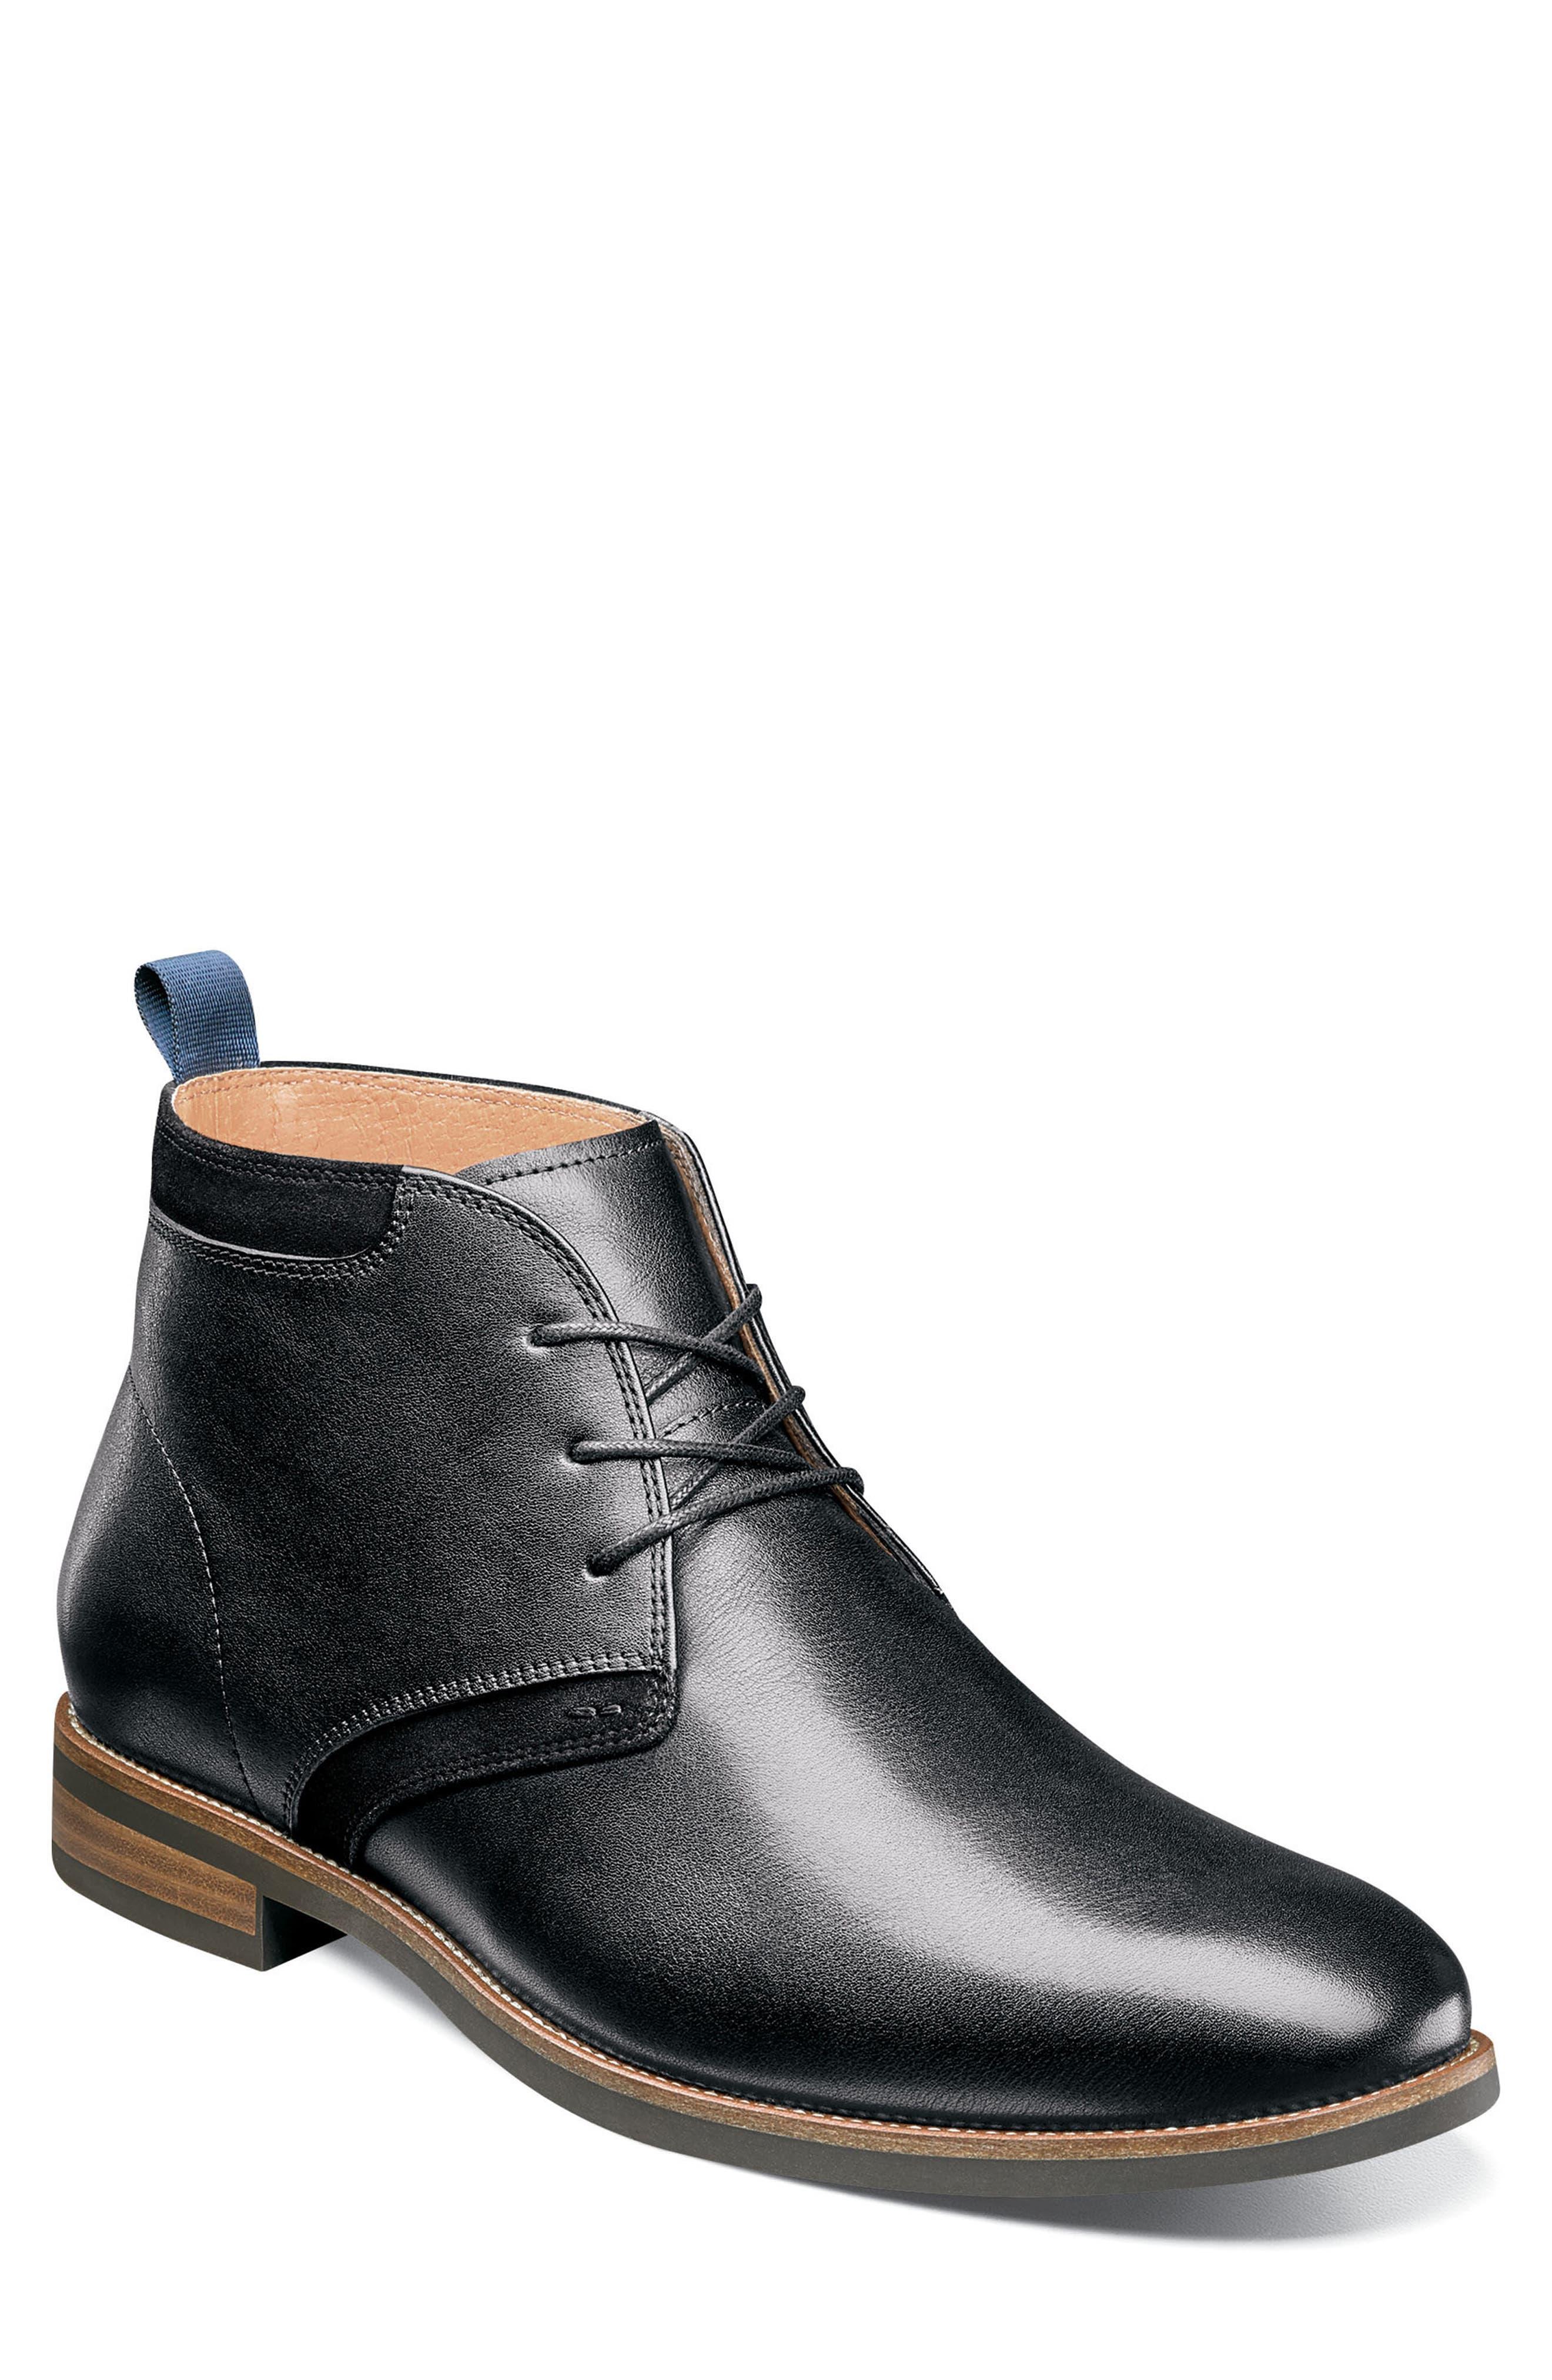 Uptown Chukka Boot